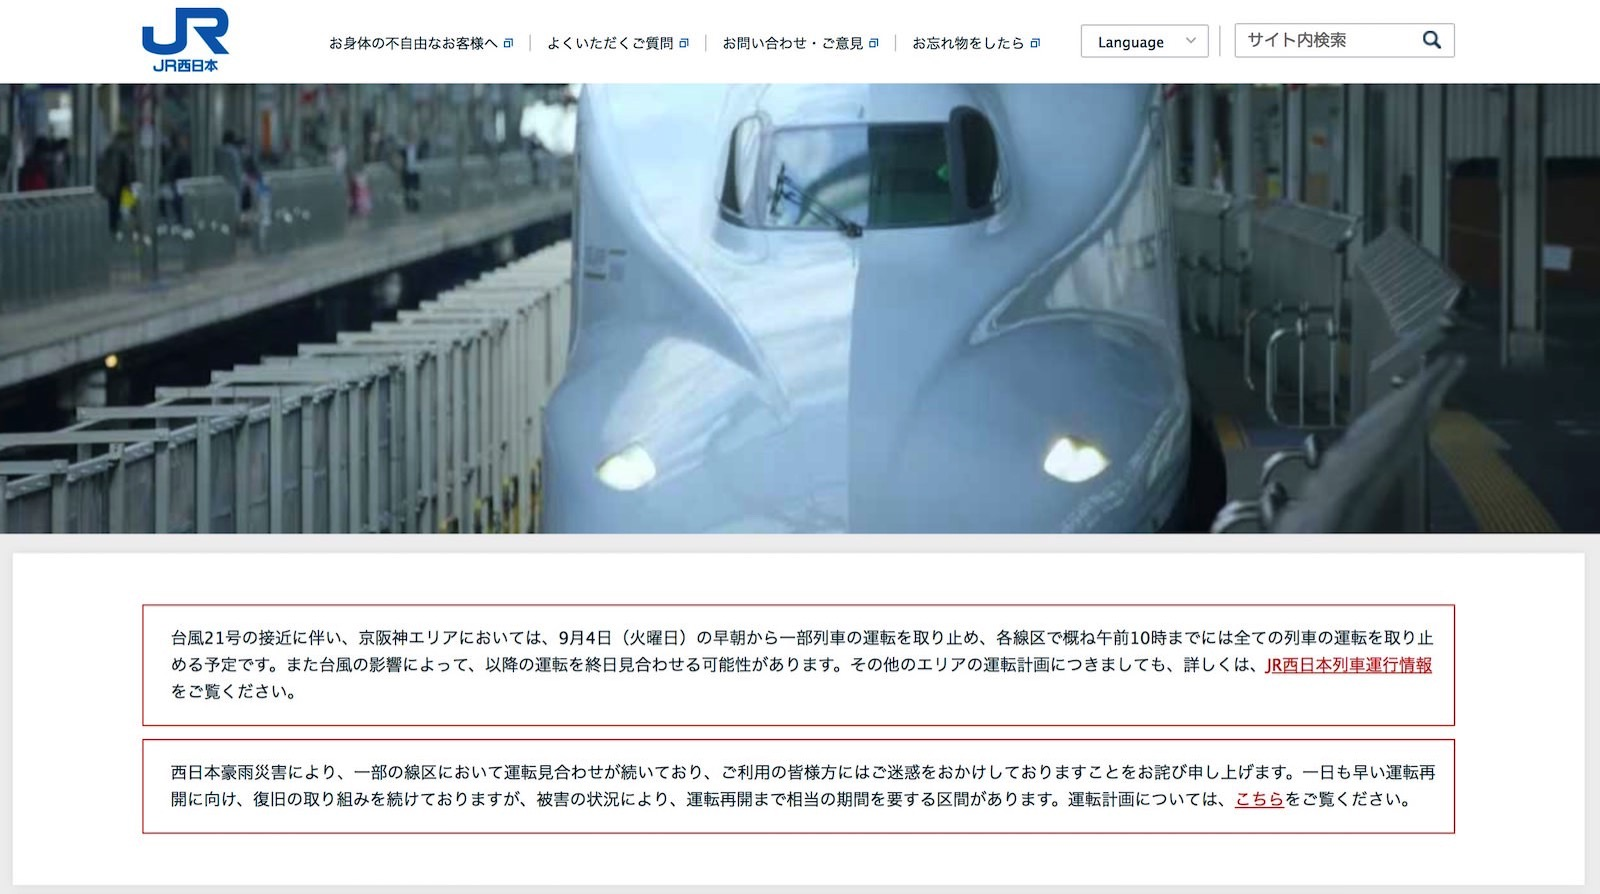 JR-West-Top-Page.jpg